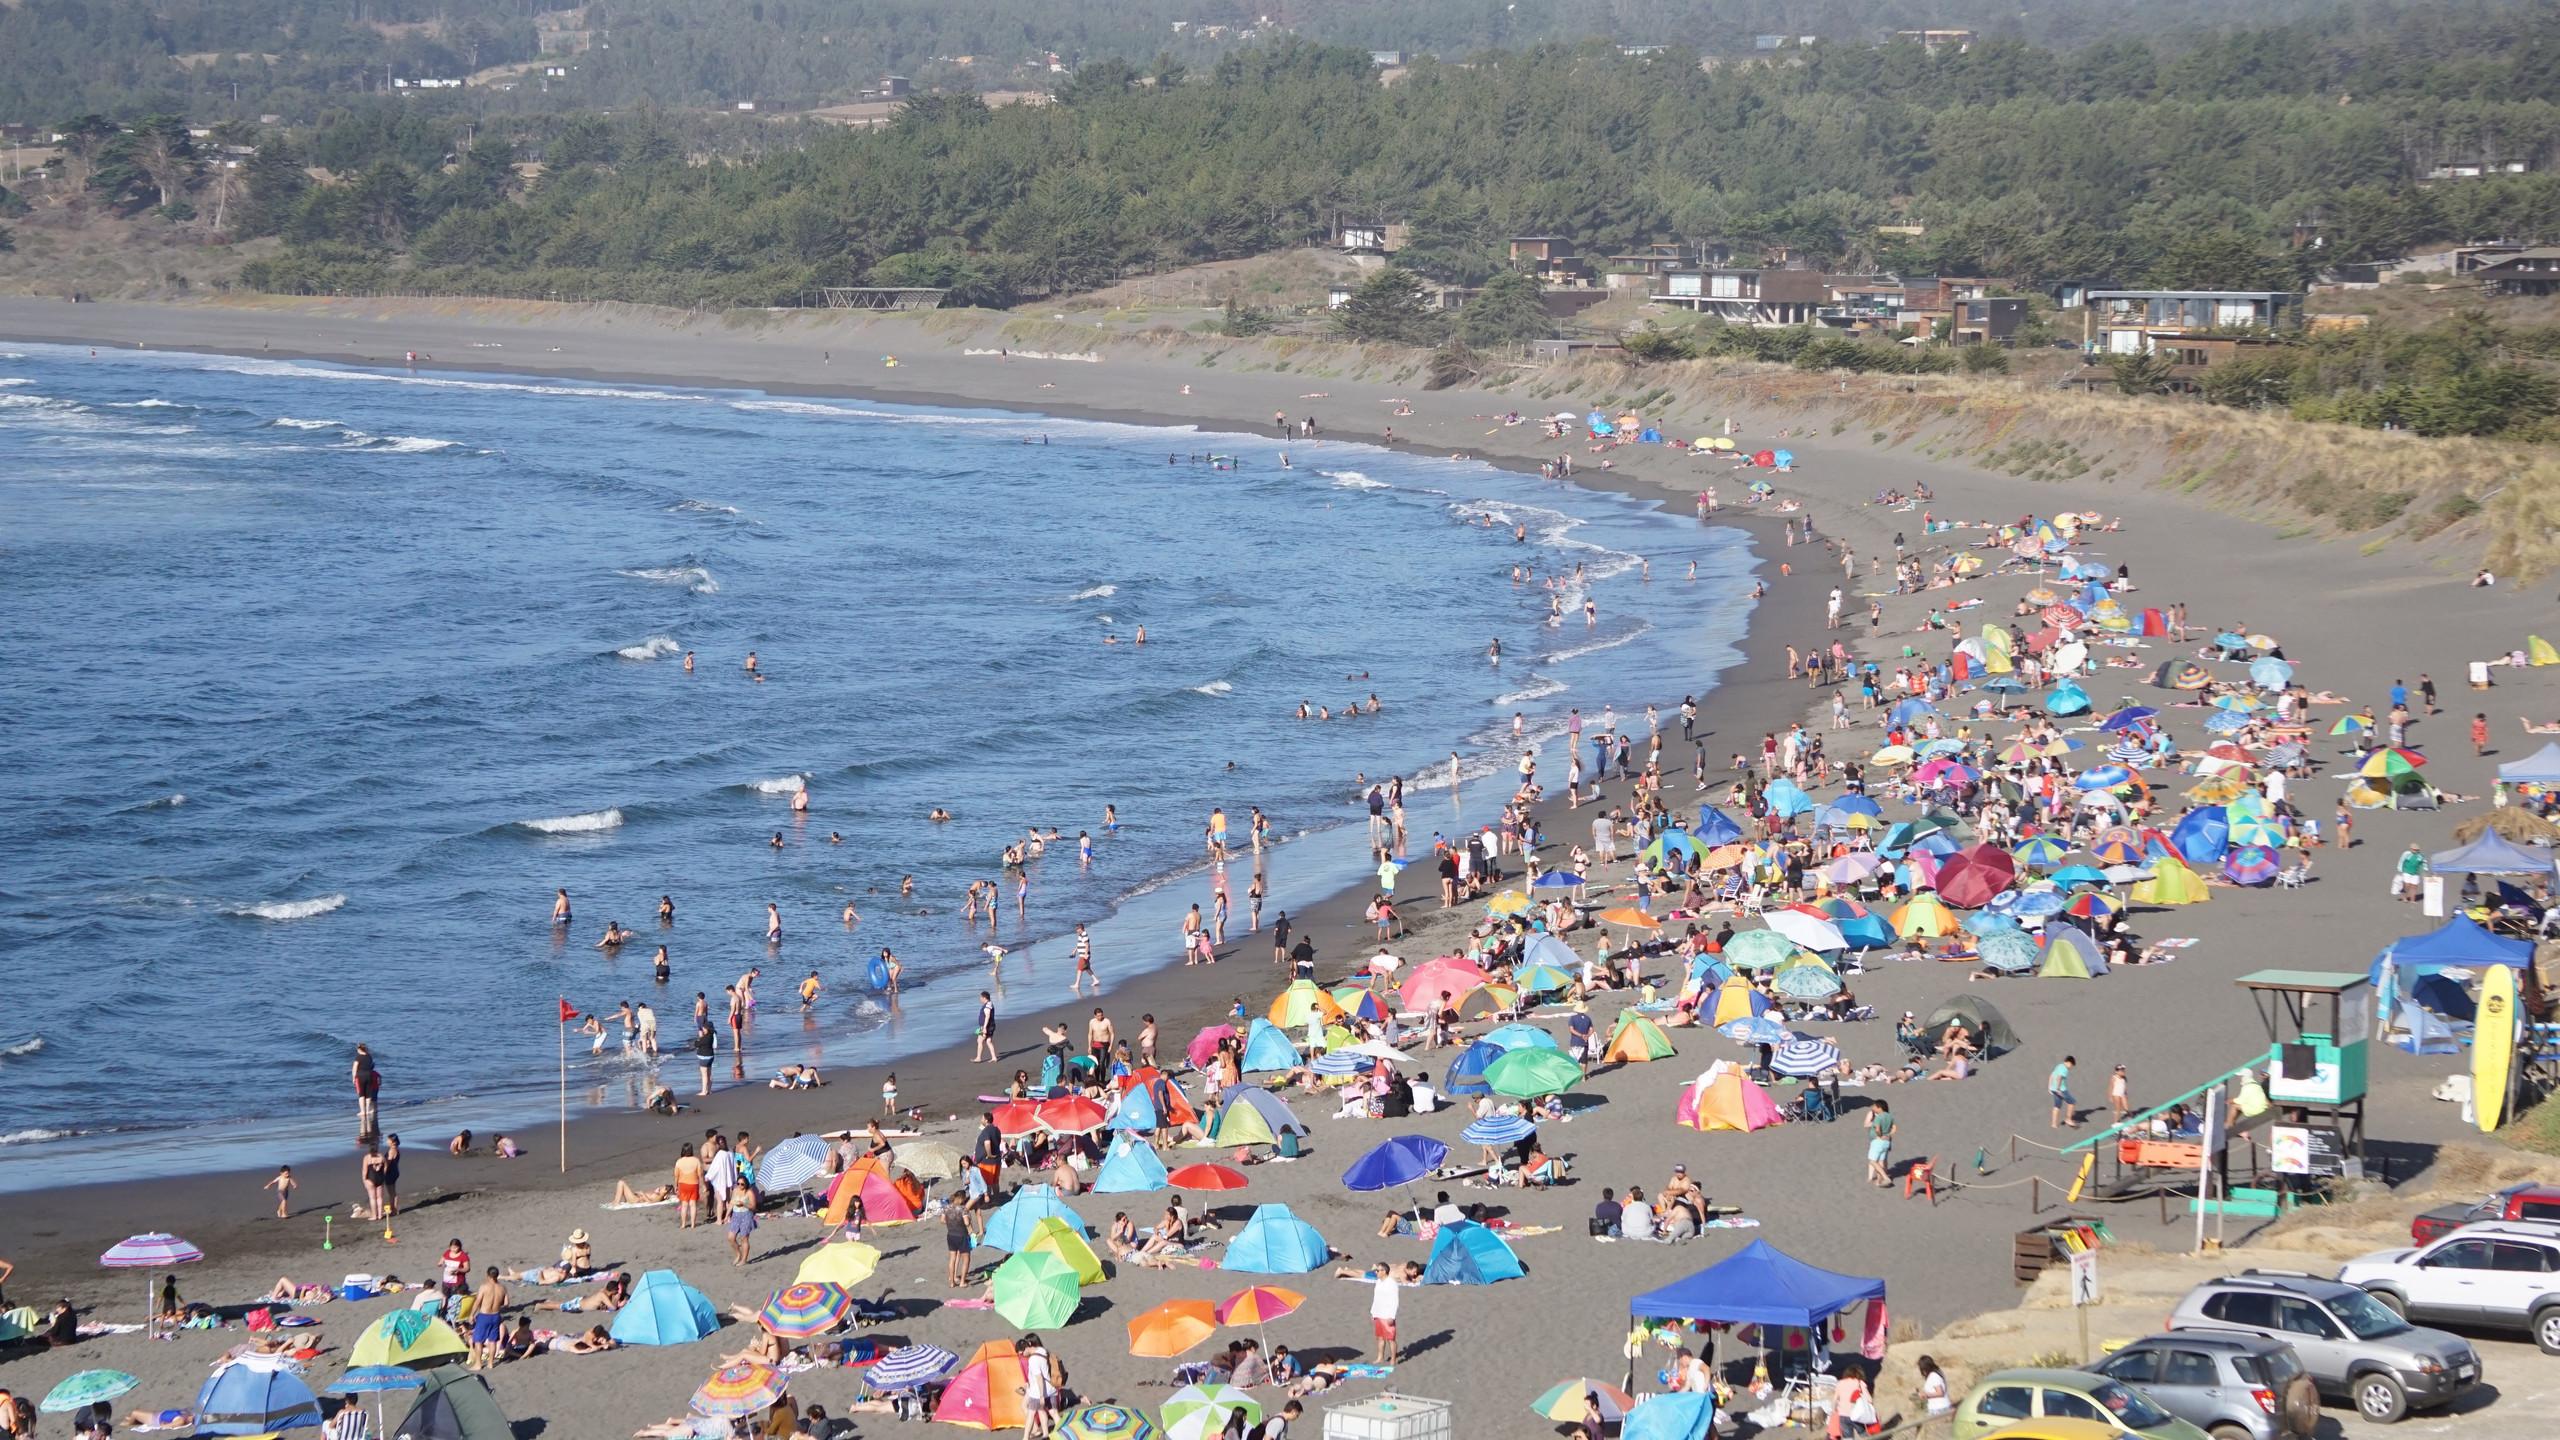 The crowds at Pichilemu